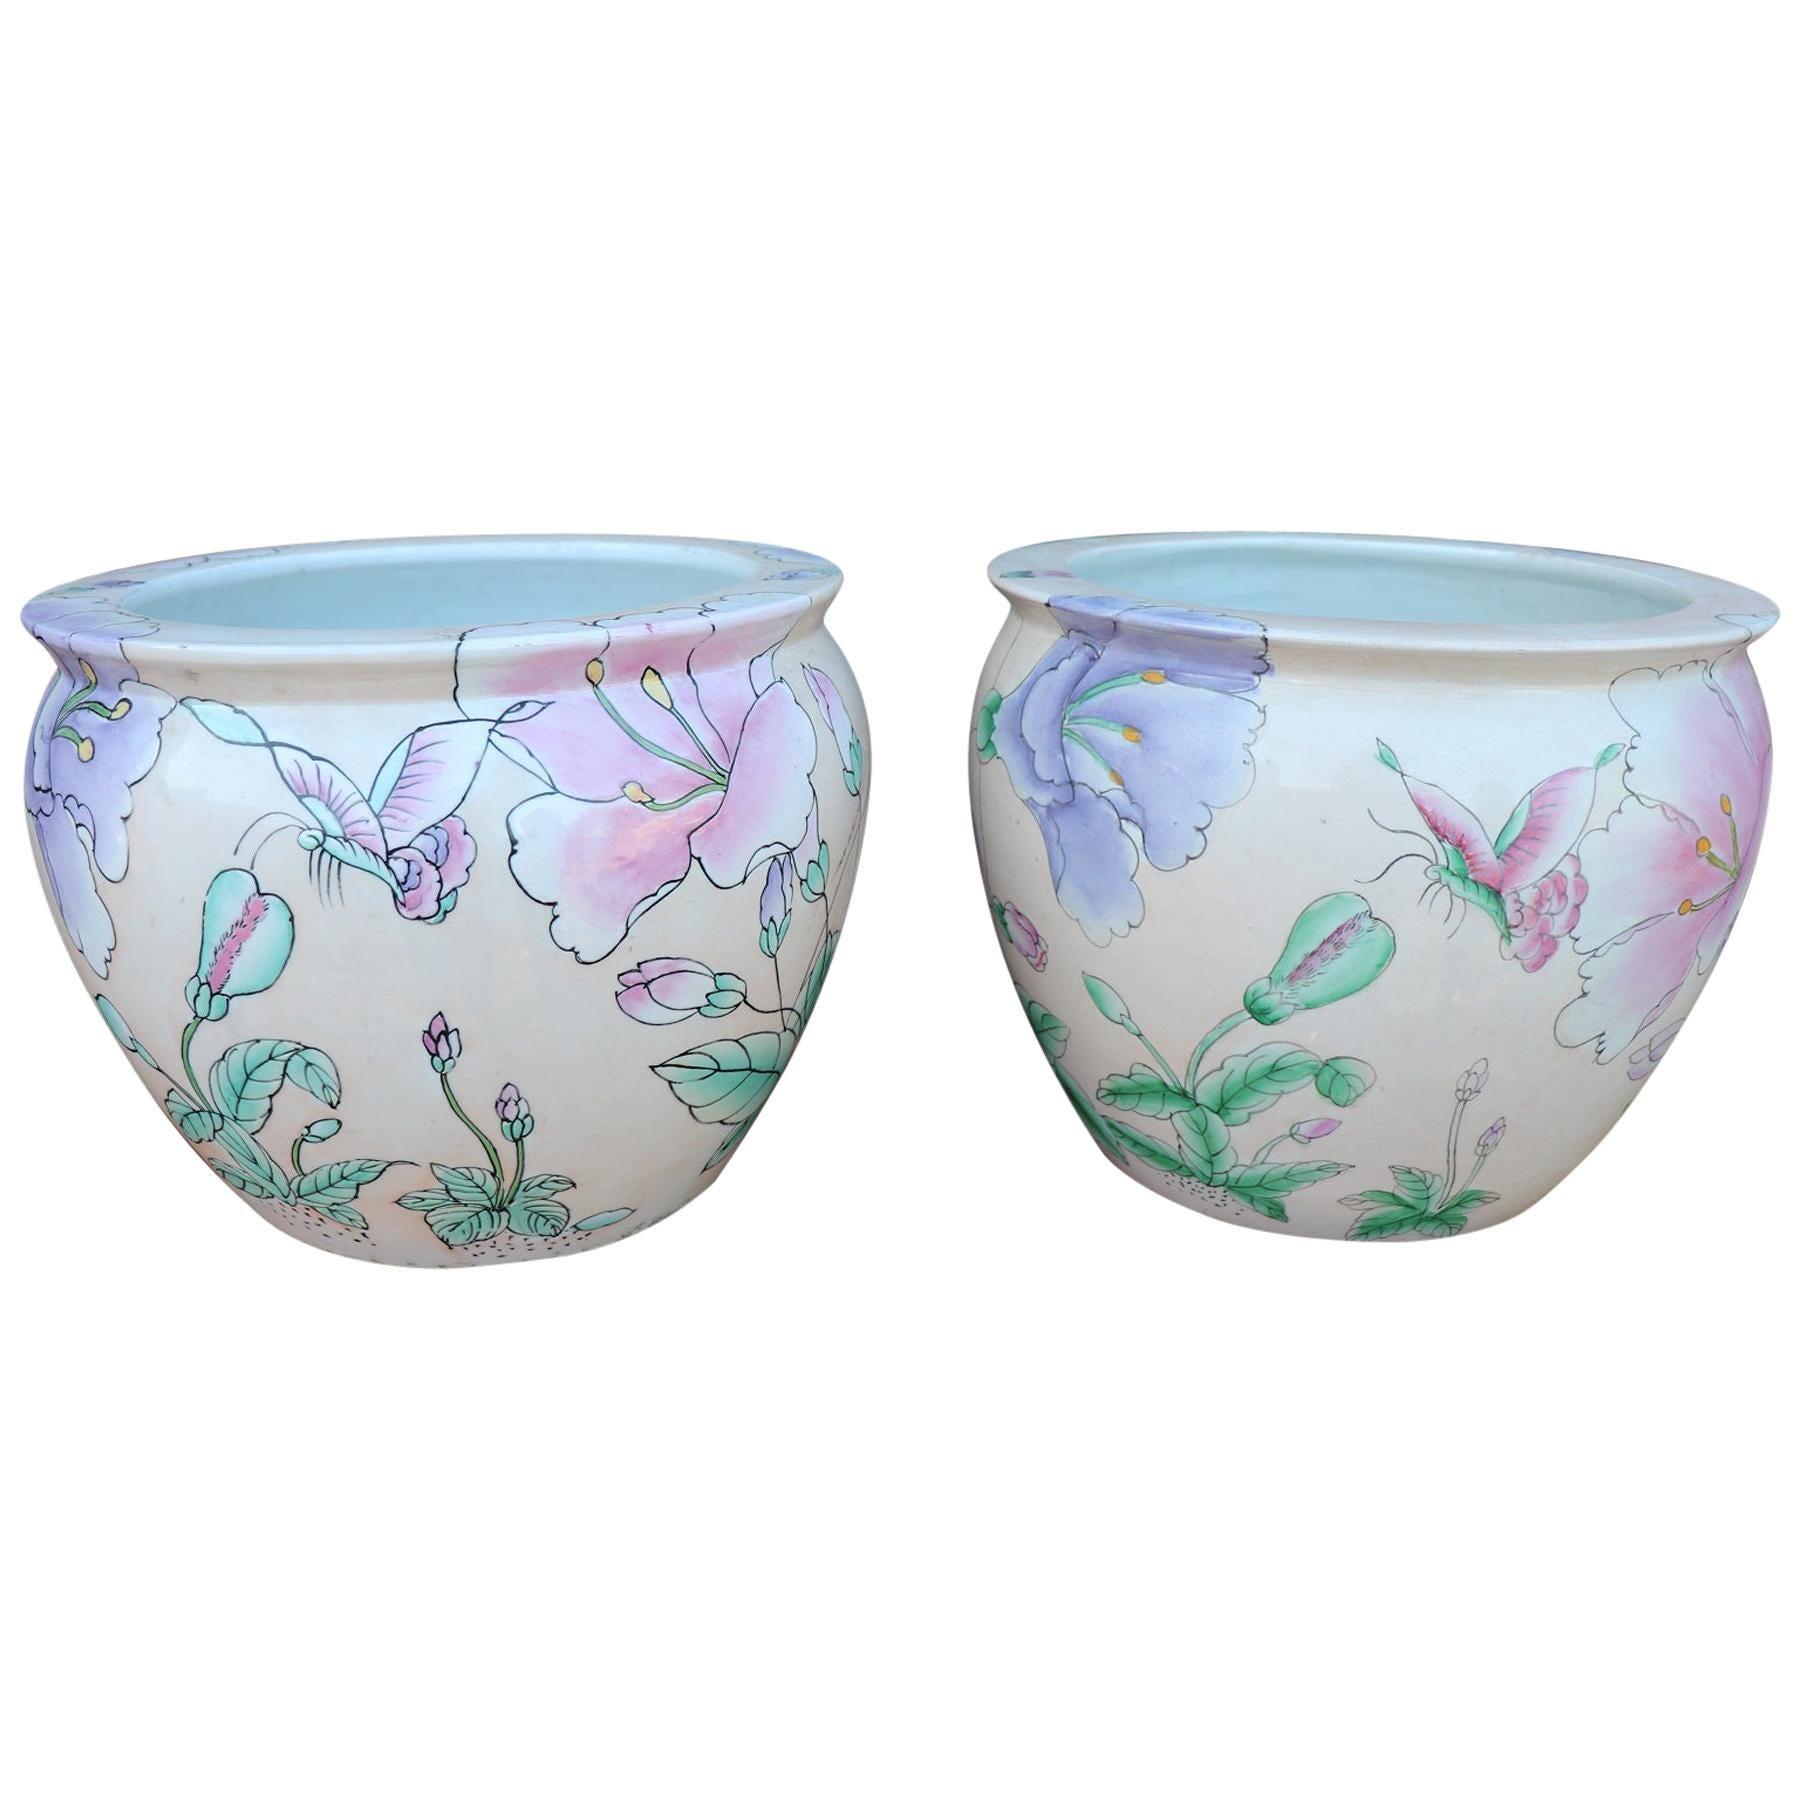 20th Century Art Nouveau Hand Painted Pair of Ceramic Vase